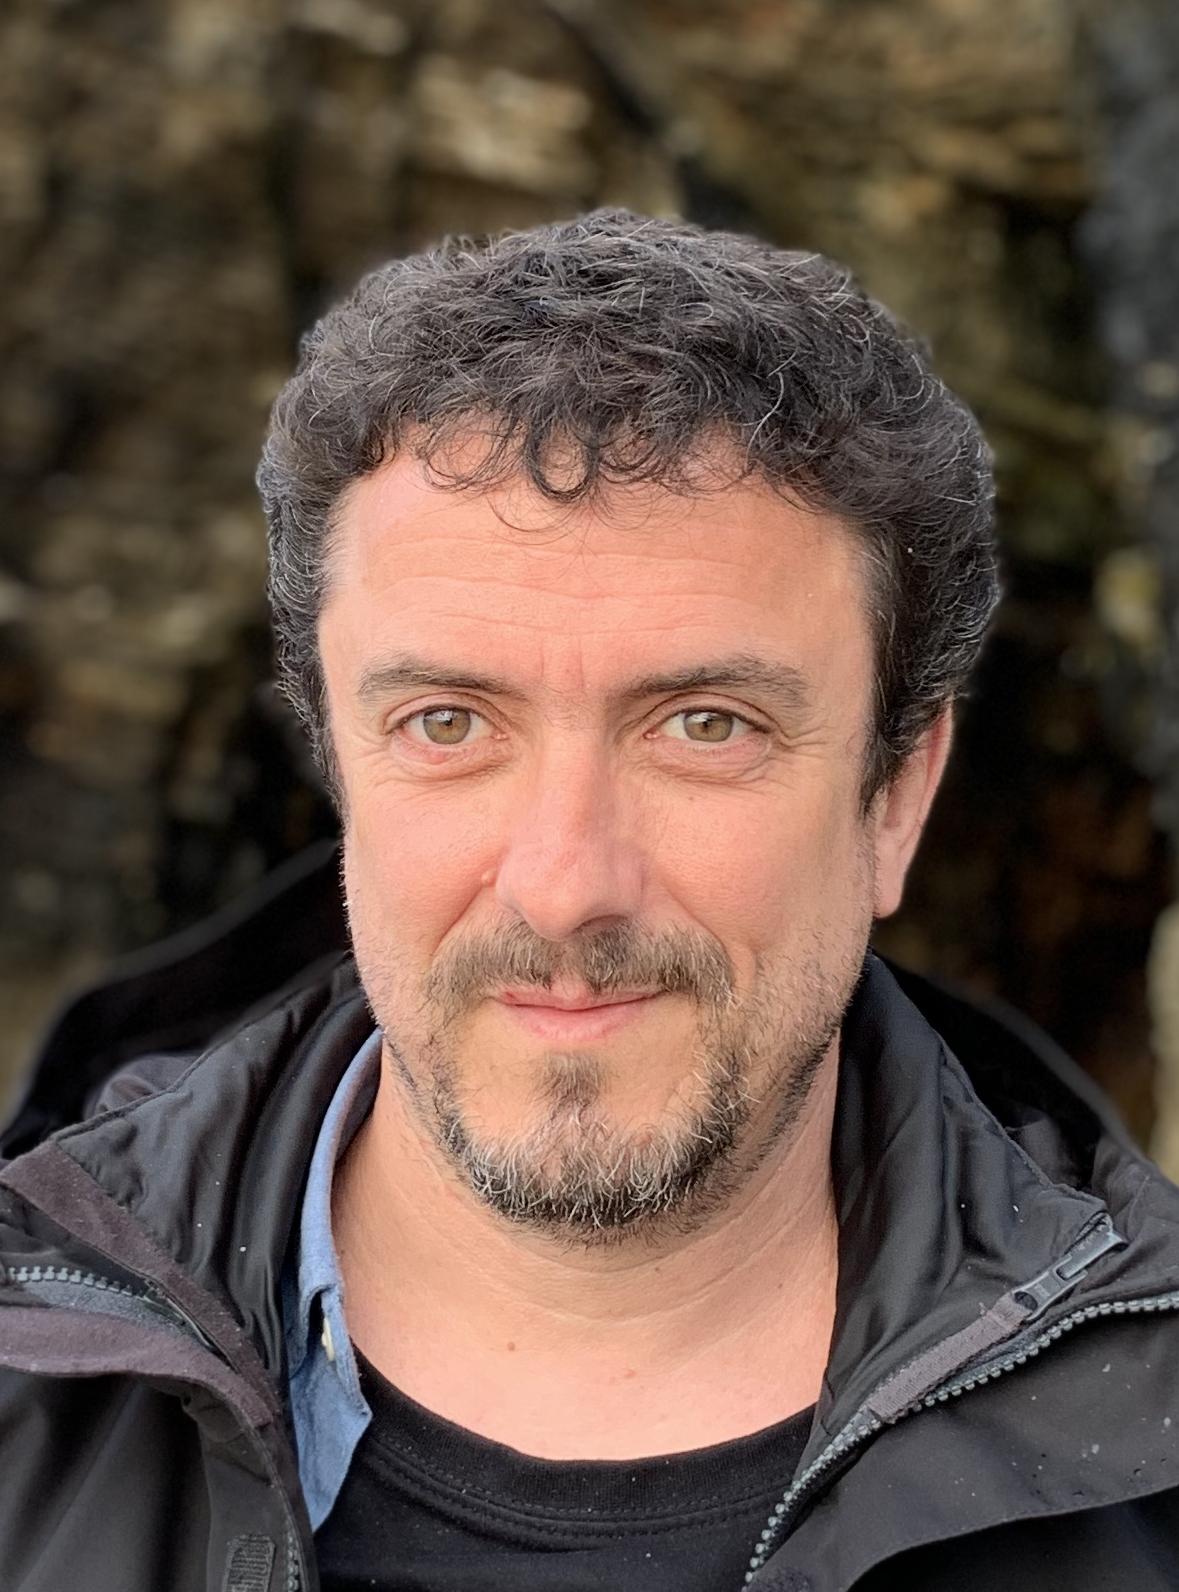 Manuel Collado Rodríguez